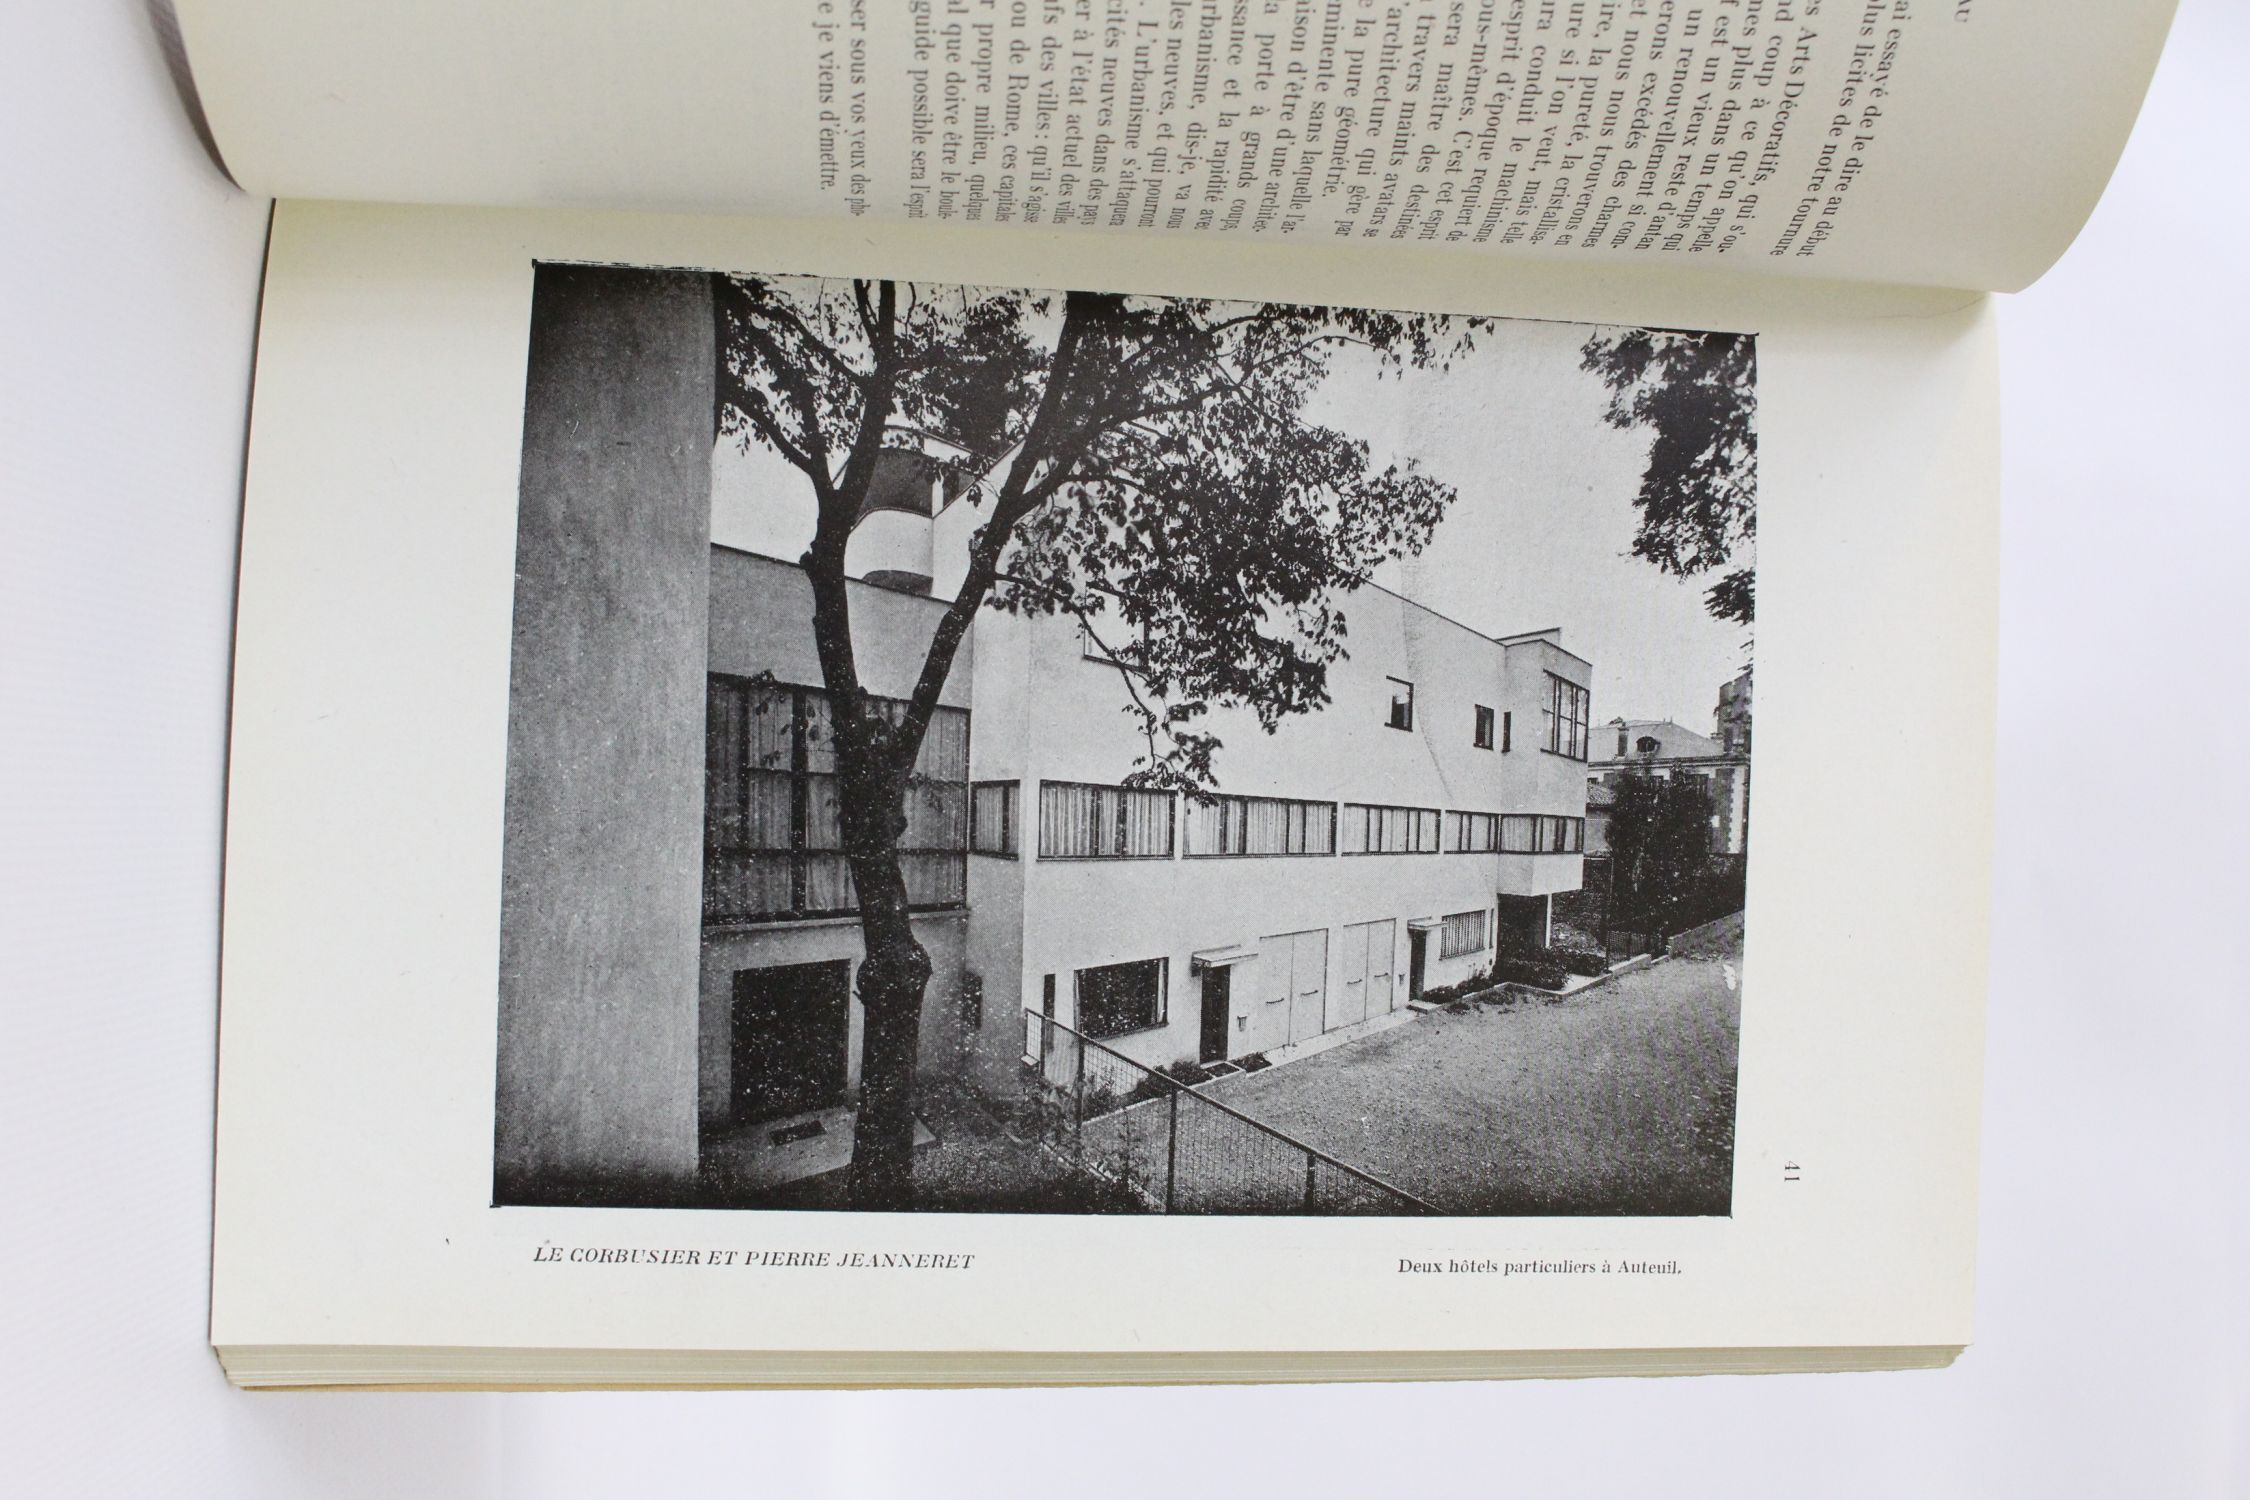 le corbusier l 39 esprit nouveau almanach d 39 architecture moderne signed book first edition. Black Bedroom Furniture Sets. Home Design Ideas